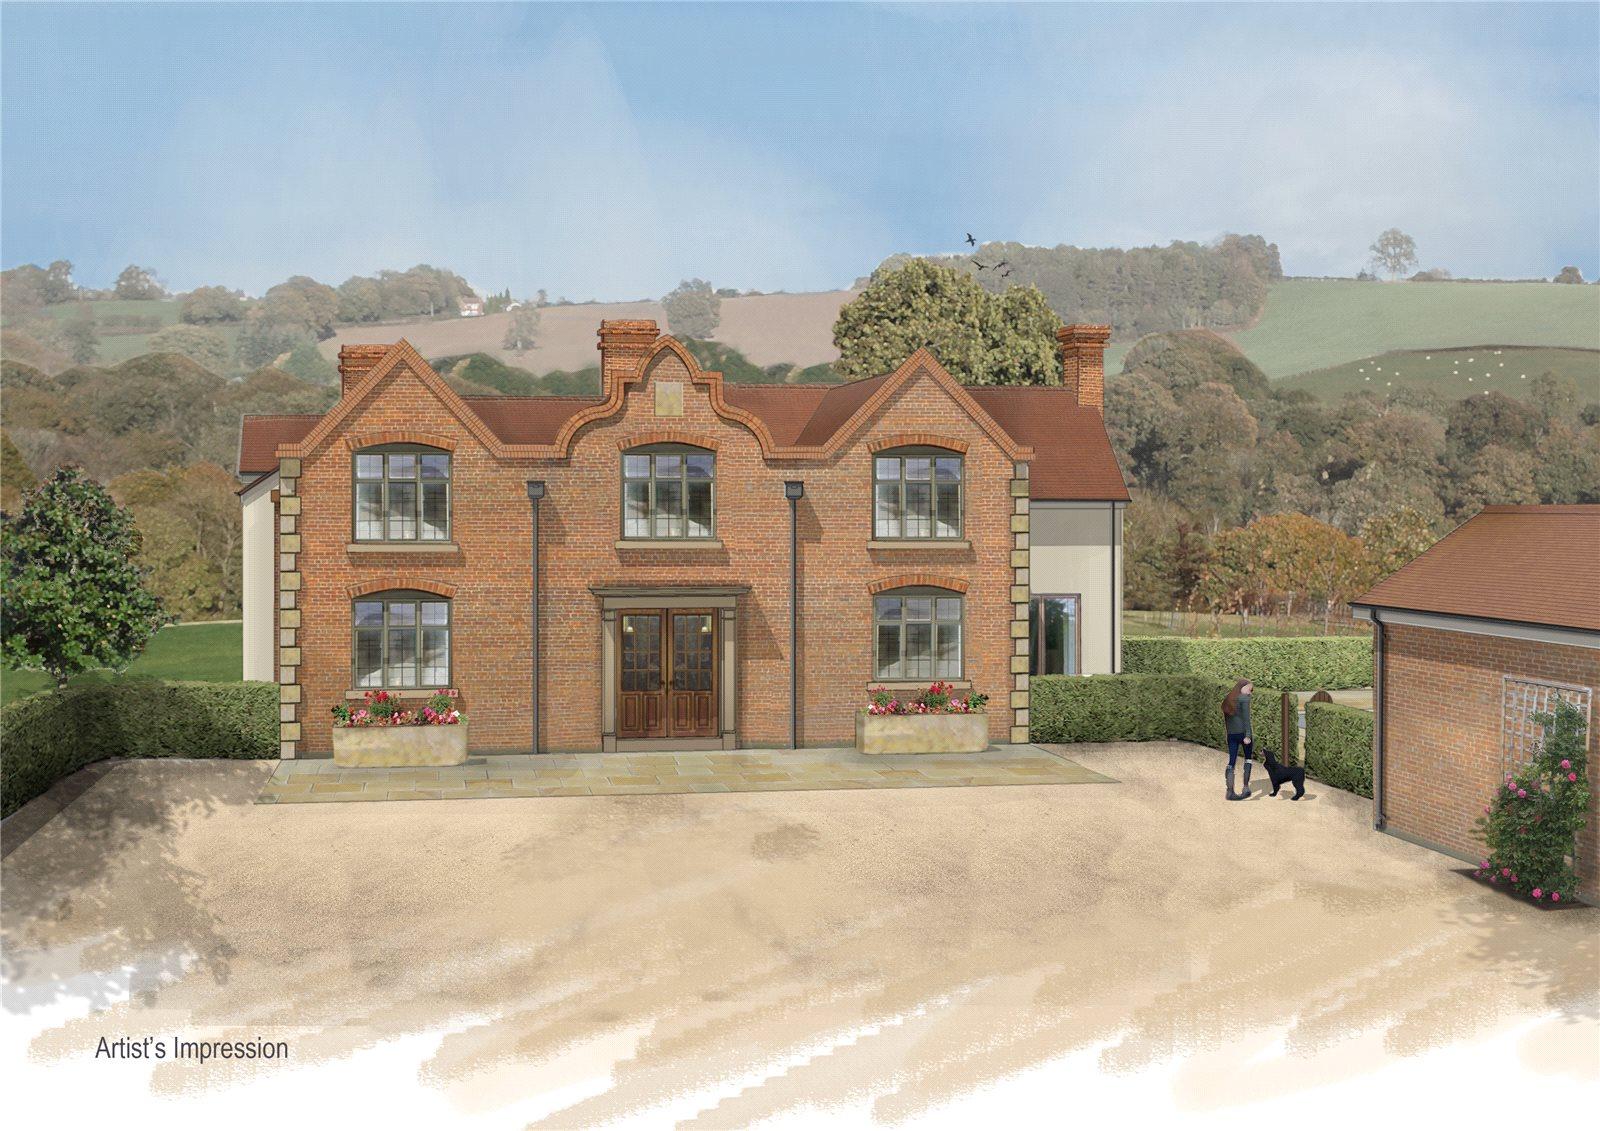 Eensgezinswoning voor Verkoop een t Boraston, Tenbury Wells, Worcestershire, WR15 Tenbury Wells, Engeland